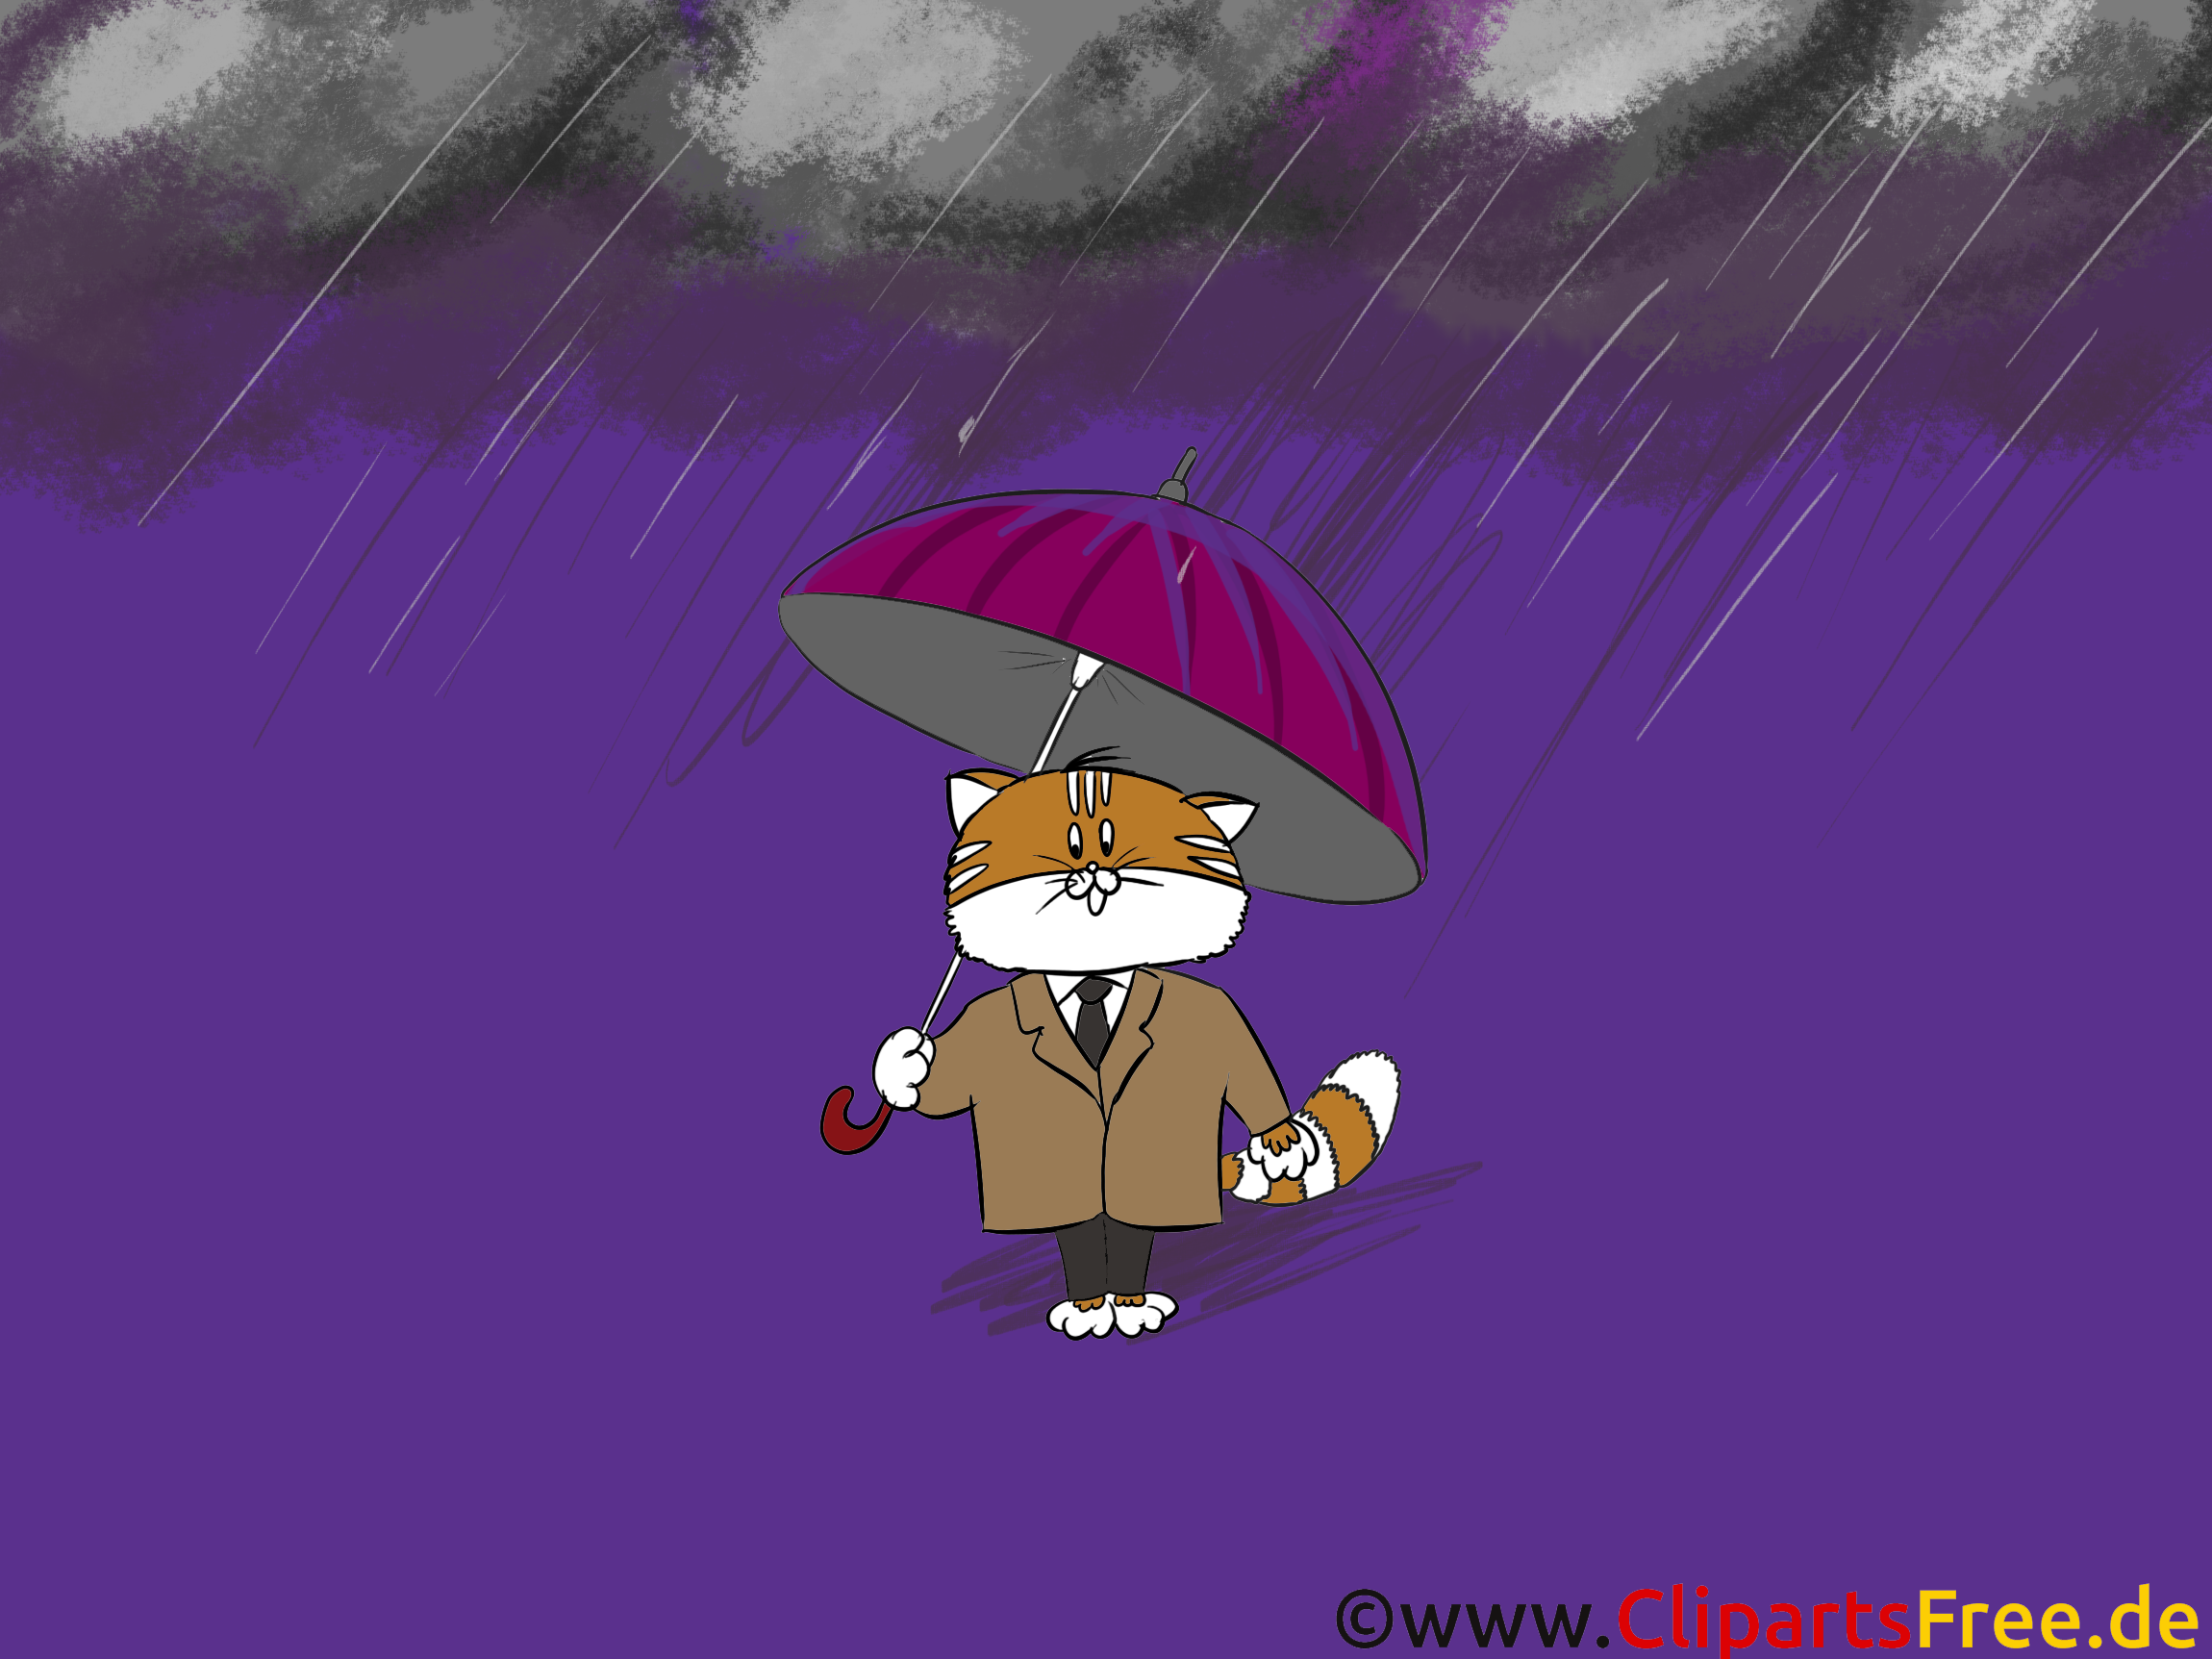 Hintergrundbilder Herbst - Katze mit Regenschirm